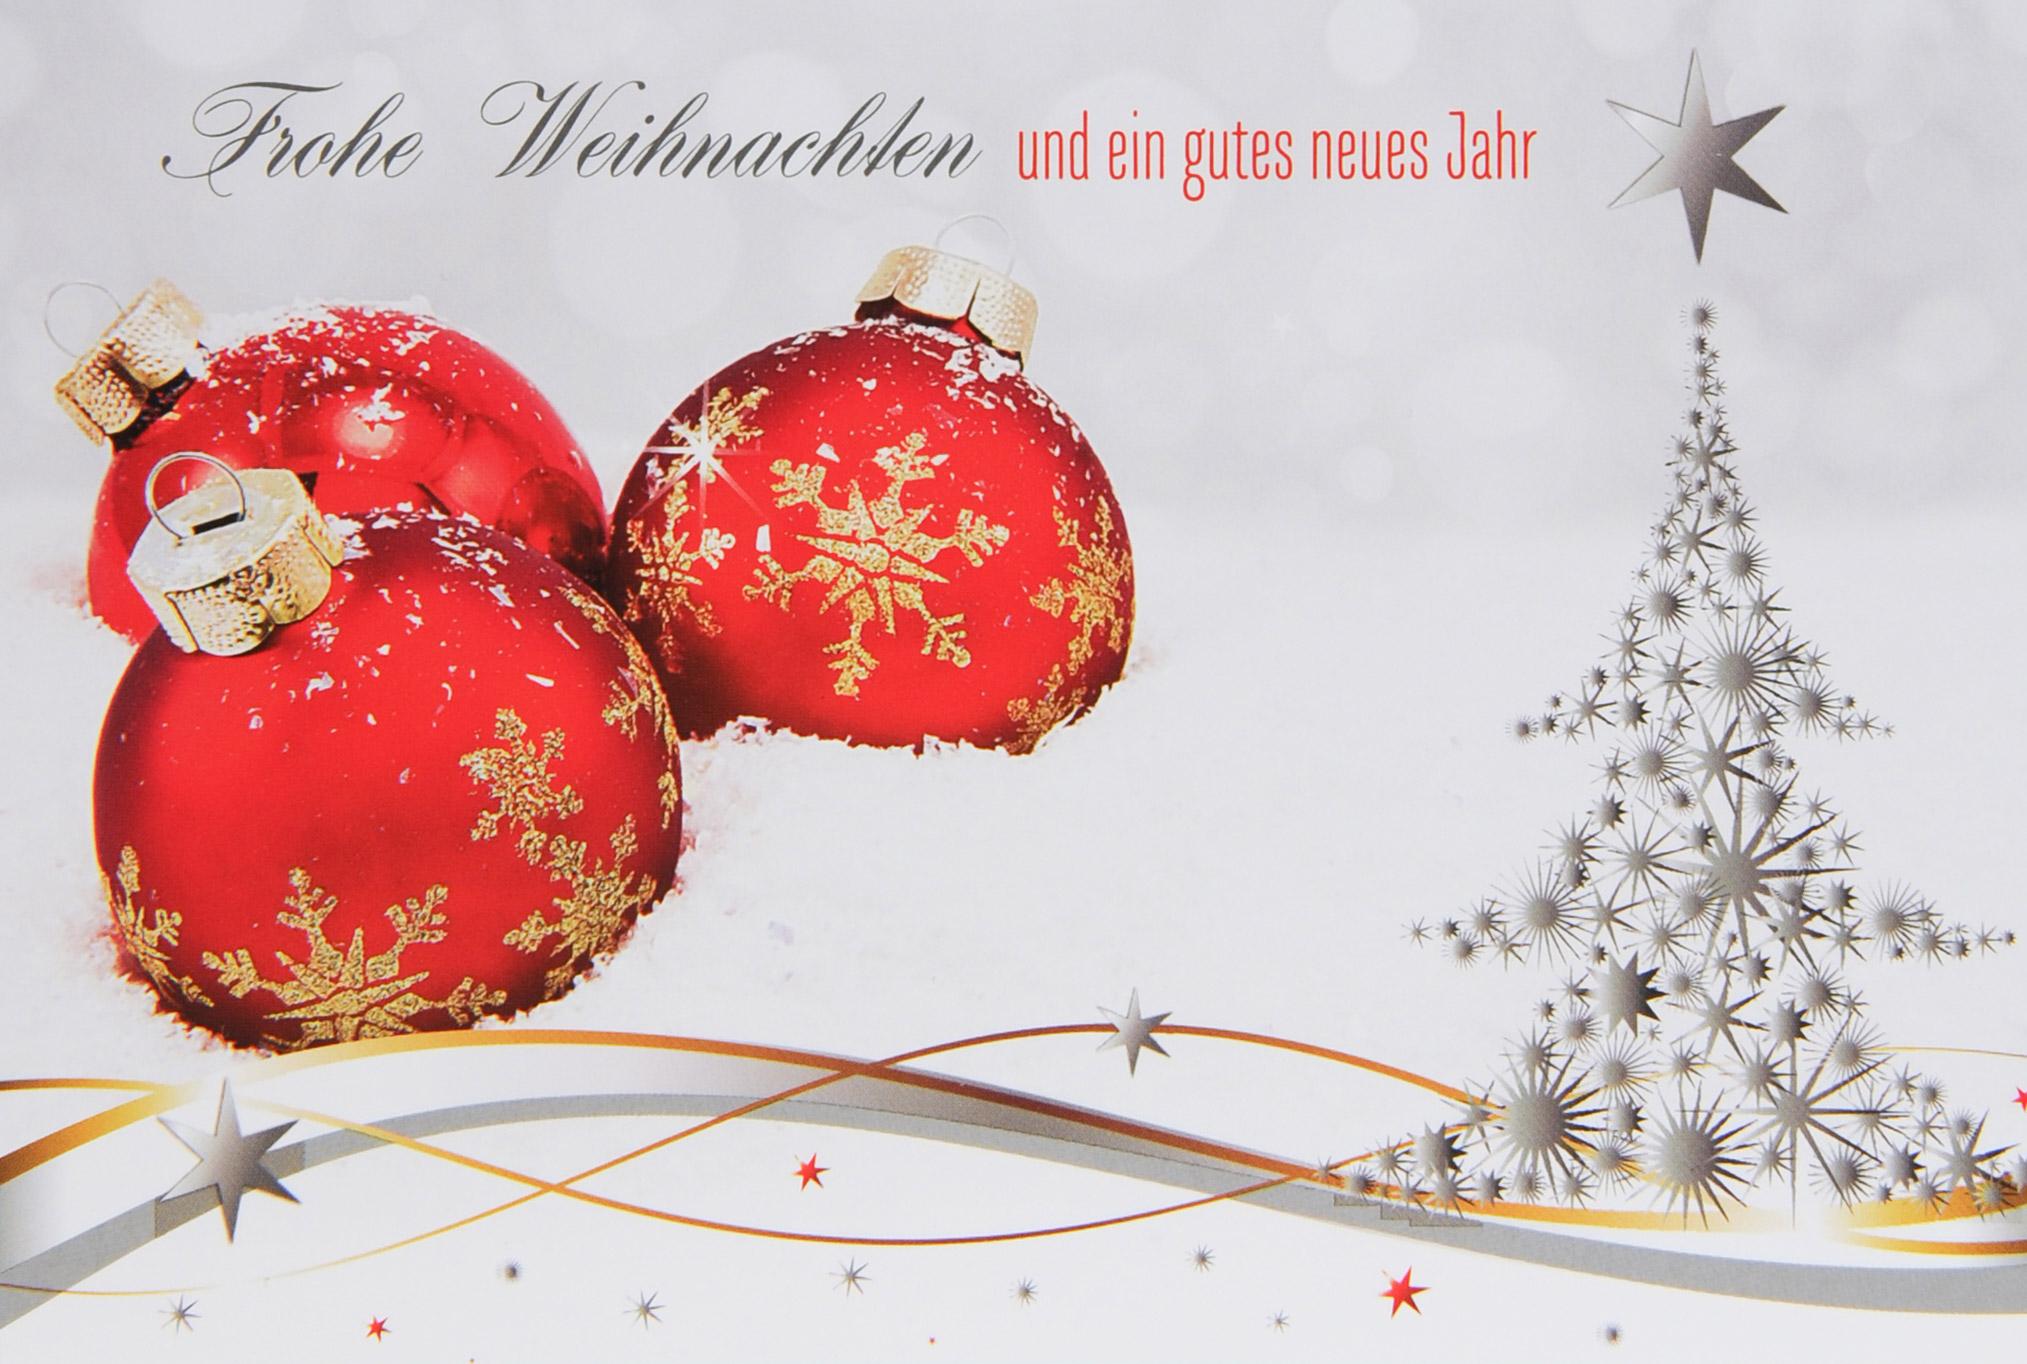 Weihnachtsgrüße Klassisch.Weihnachtskarte Fw 14739